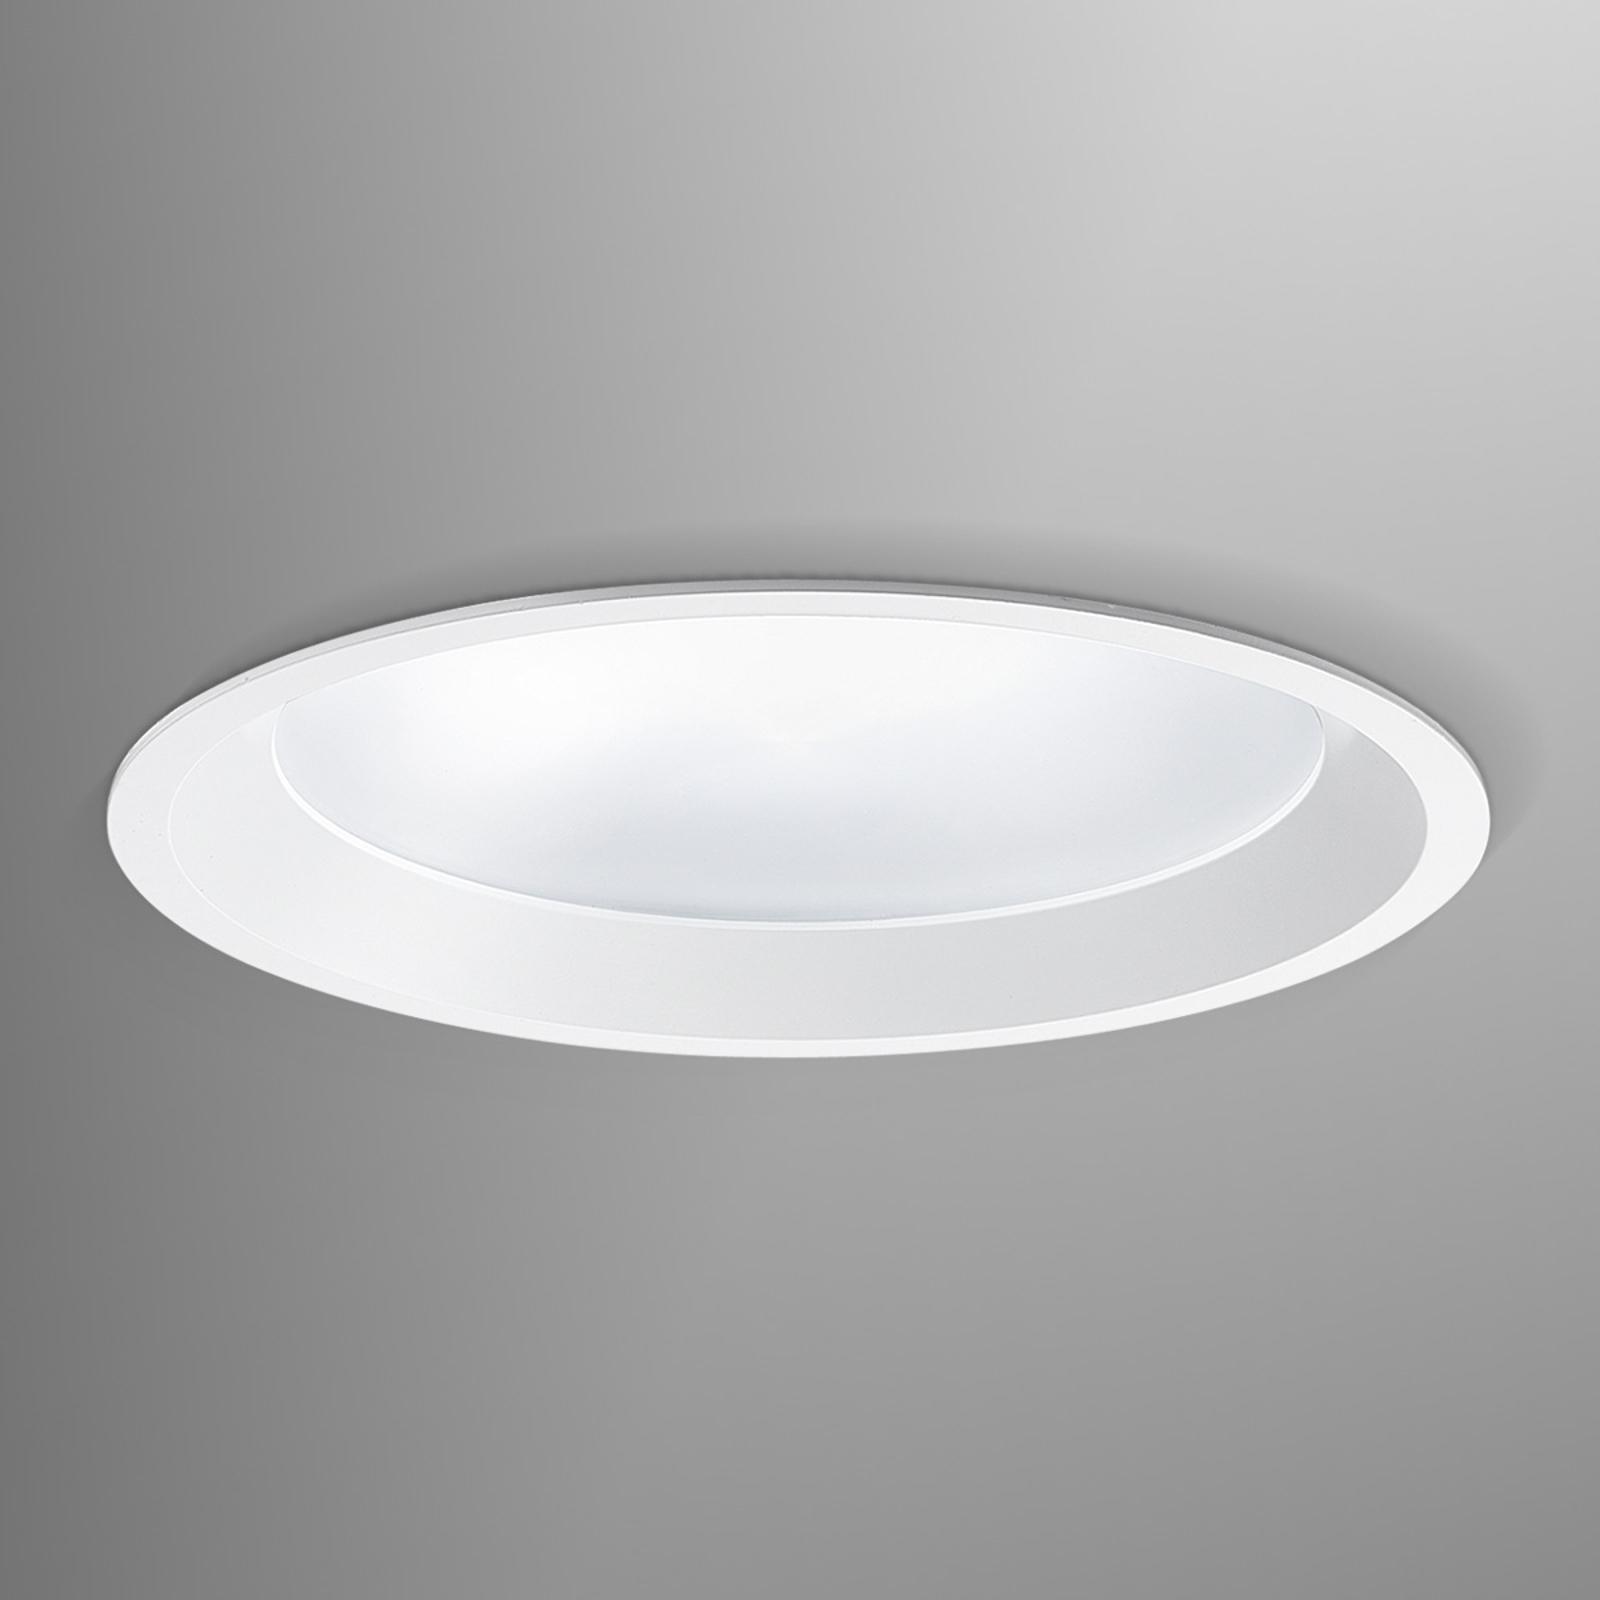 Durchmesser 19 cm - LED-Einbaudownlight Strato 190